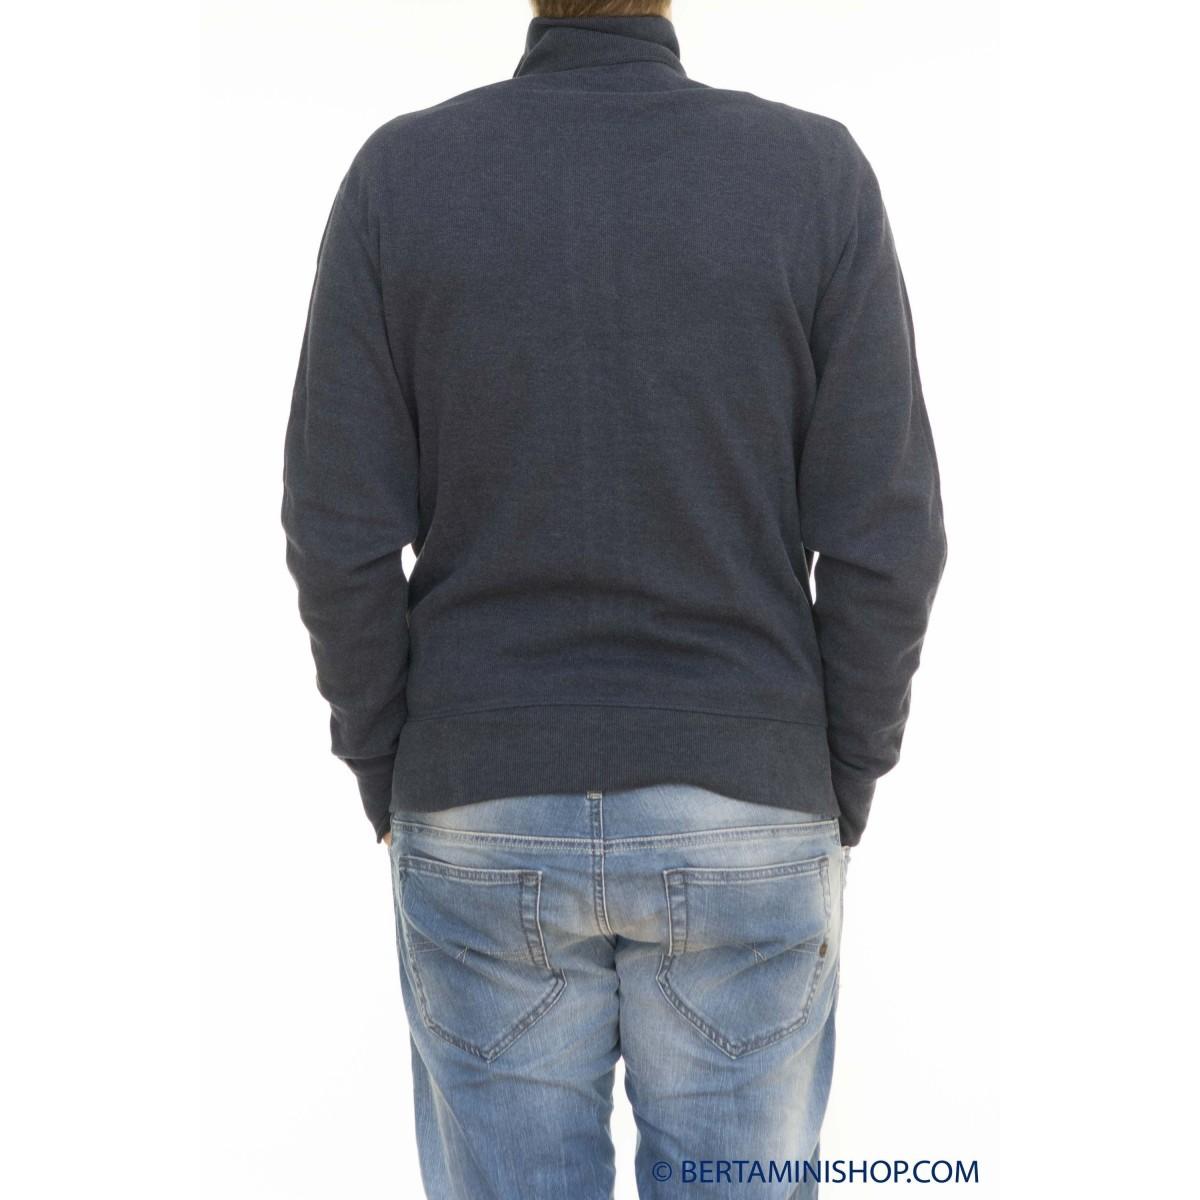 Sweatshirt Ralph Lauren Man - A18Kay06Chg88